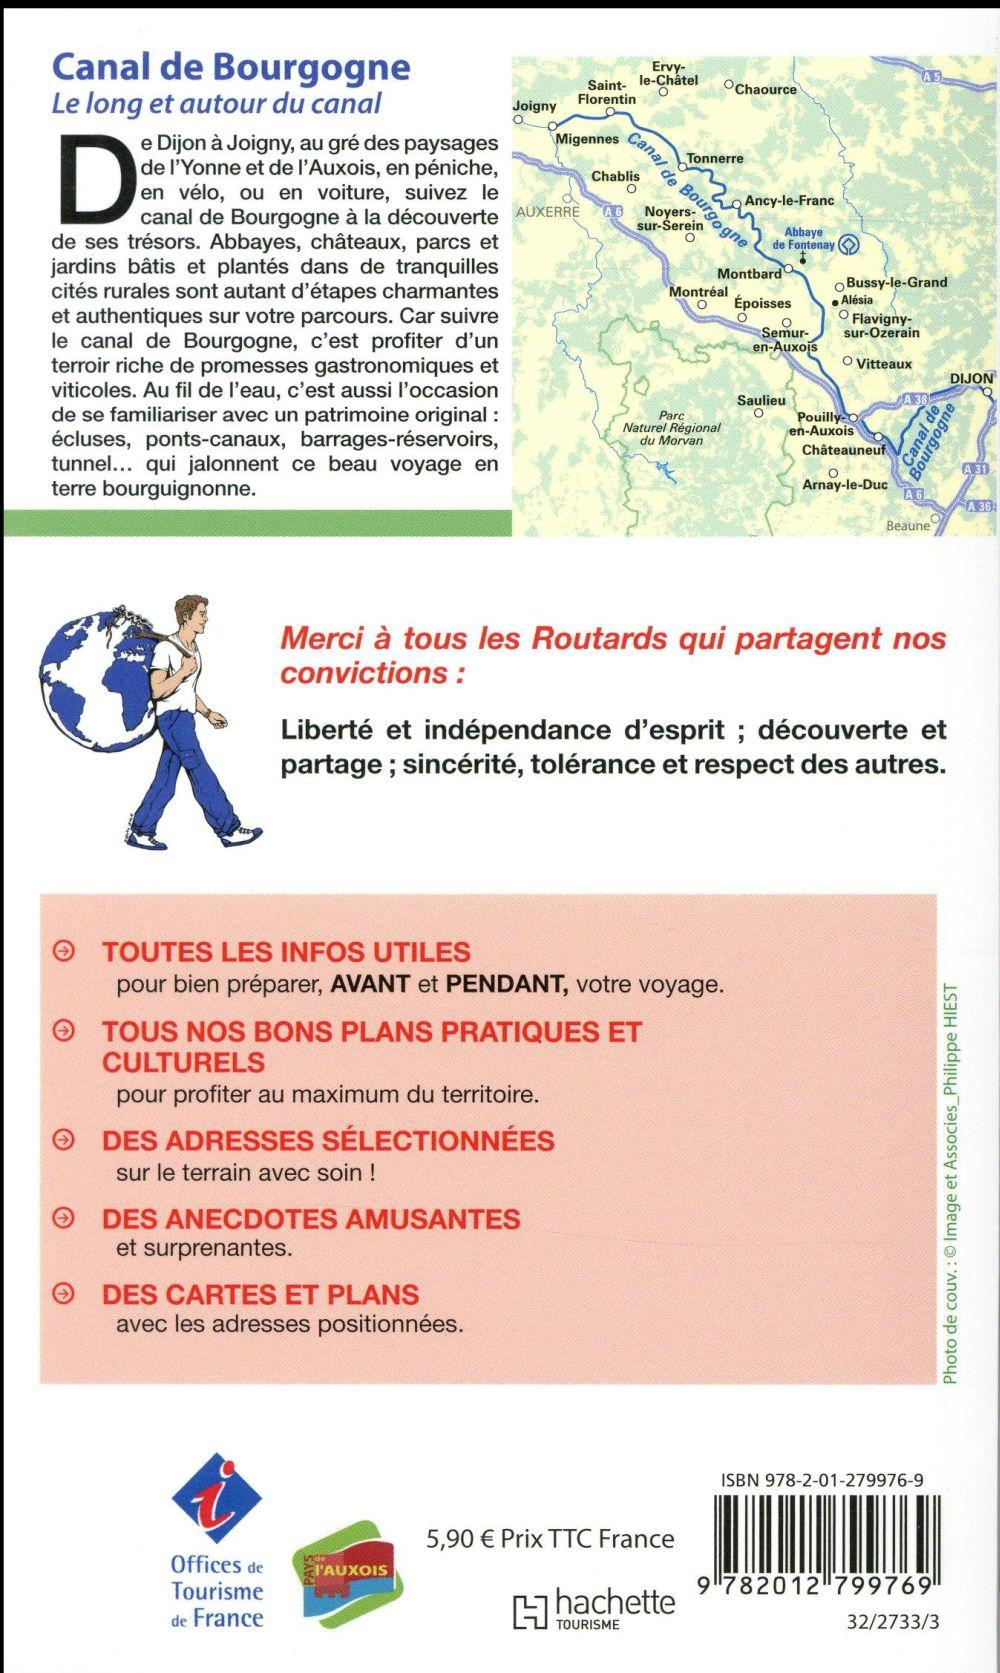 Guide du Routard ; Canal de Bourgogne ; le long et autour du canal